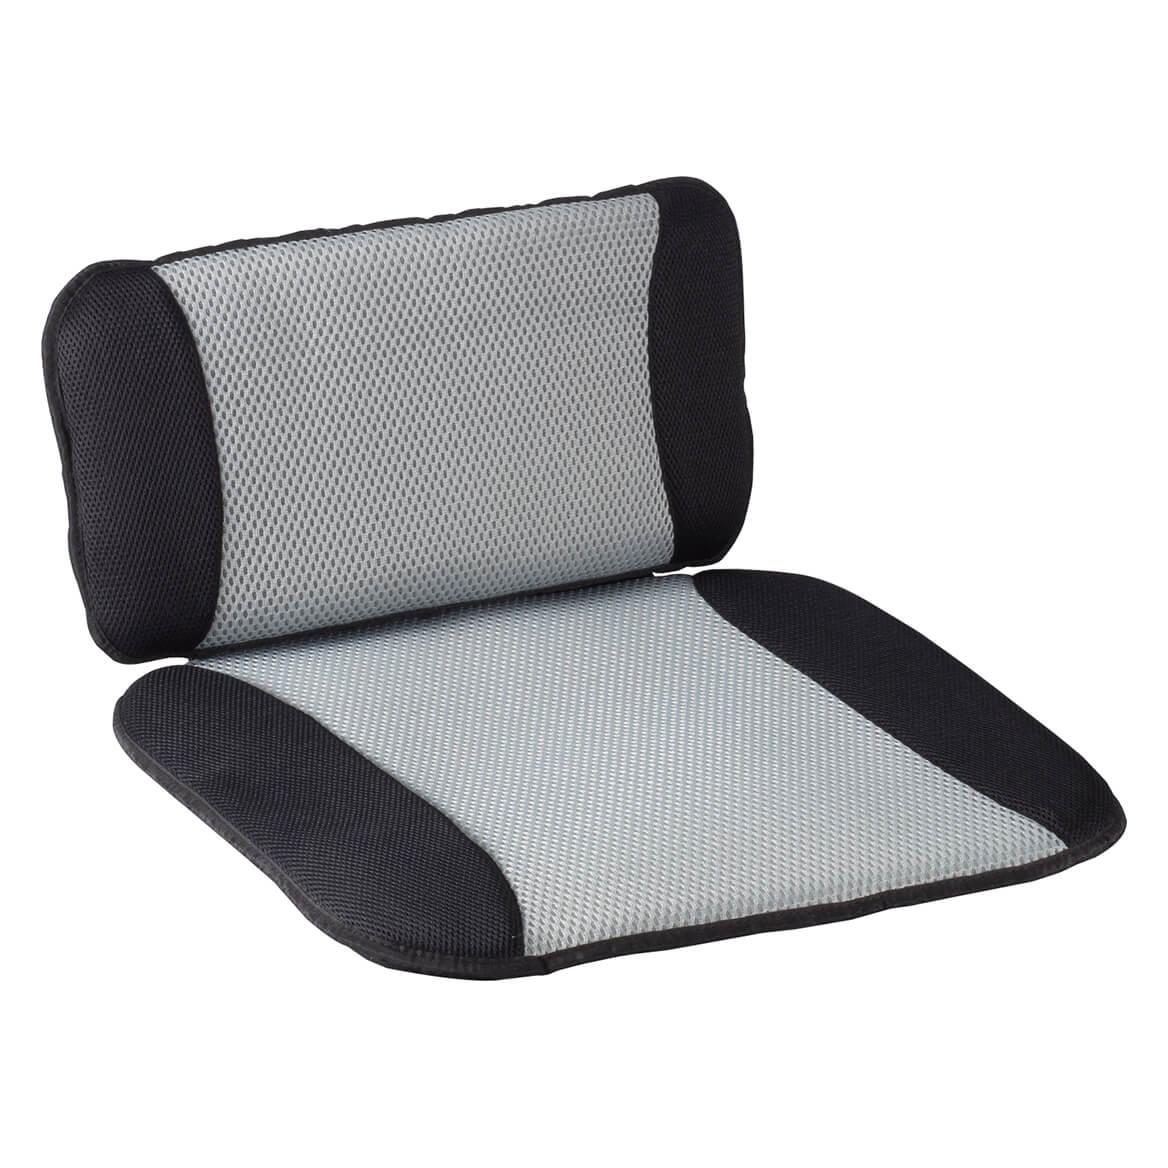 Auto Cooling Lumbar Pillow & Seat Cushion Set-360997